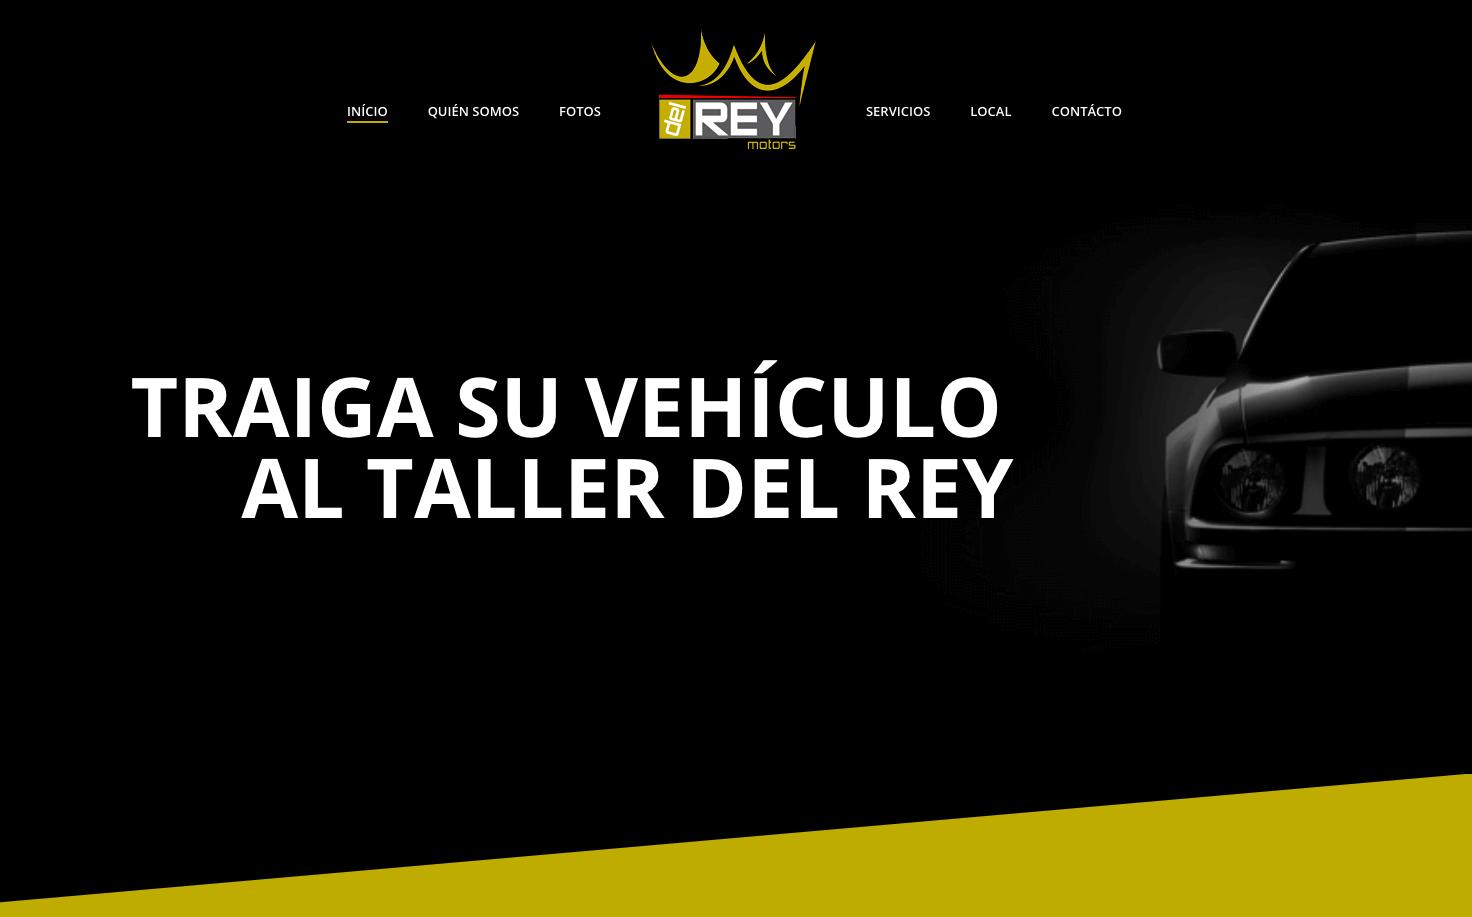 novo-site-del-rey-motors